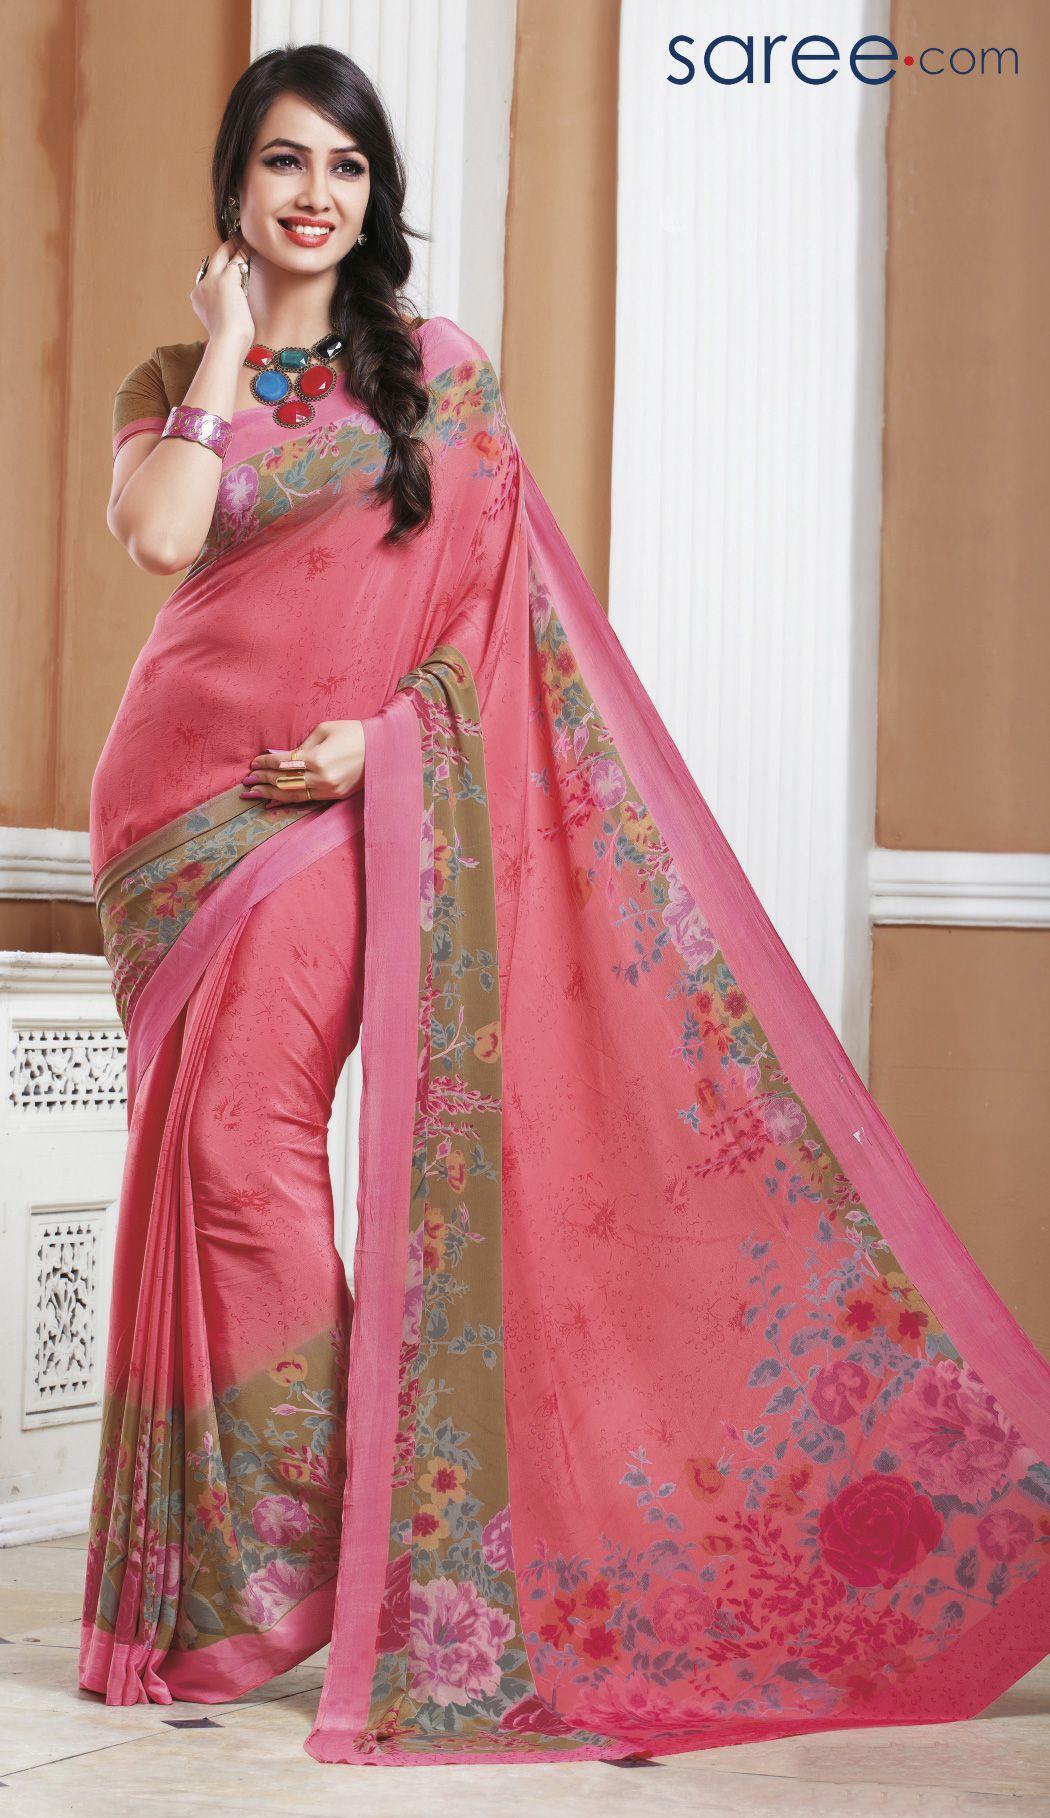 Saree images paithani pink silk printed saree  fashion of south asia saari